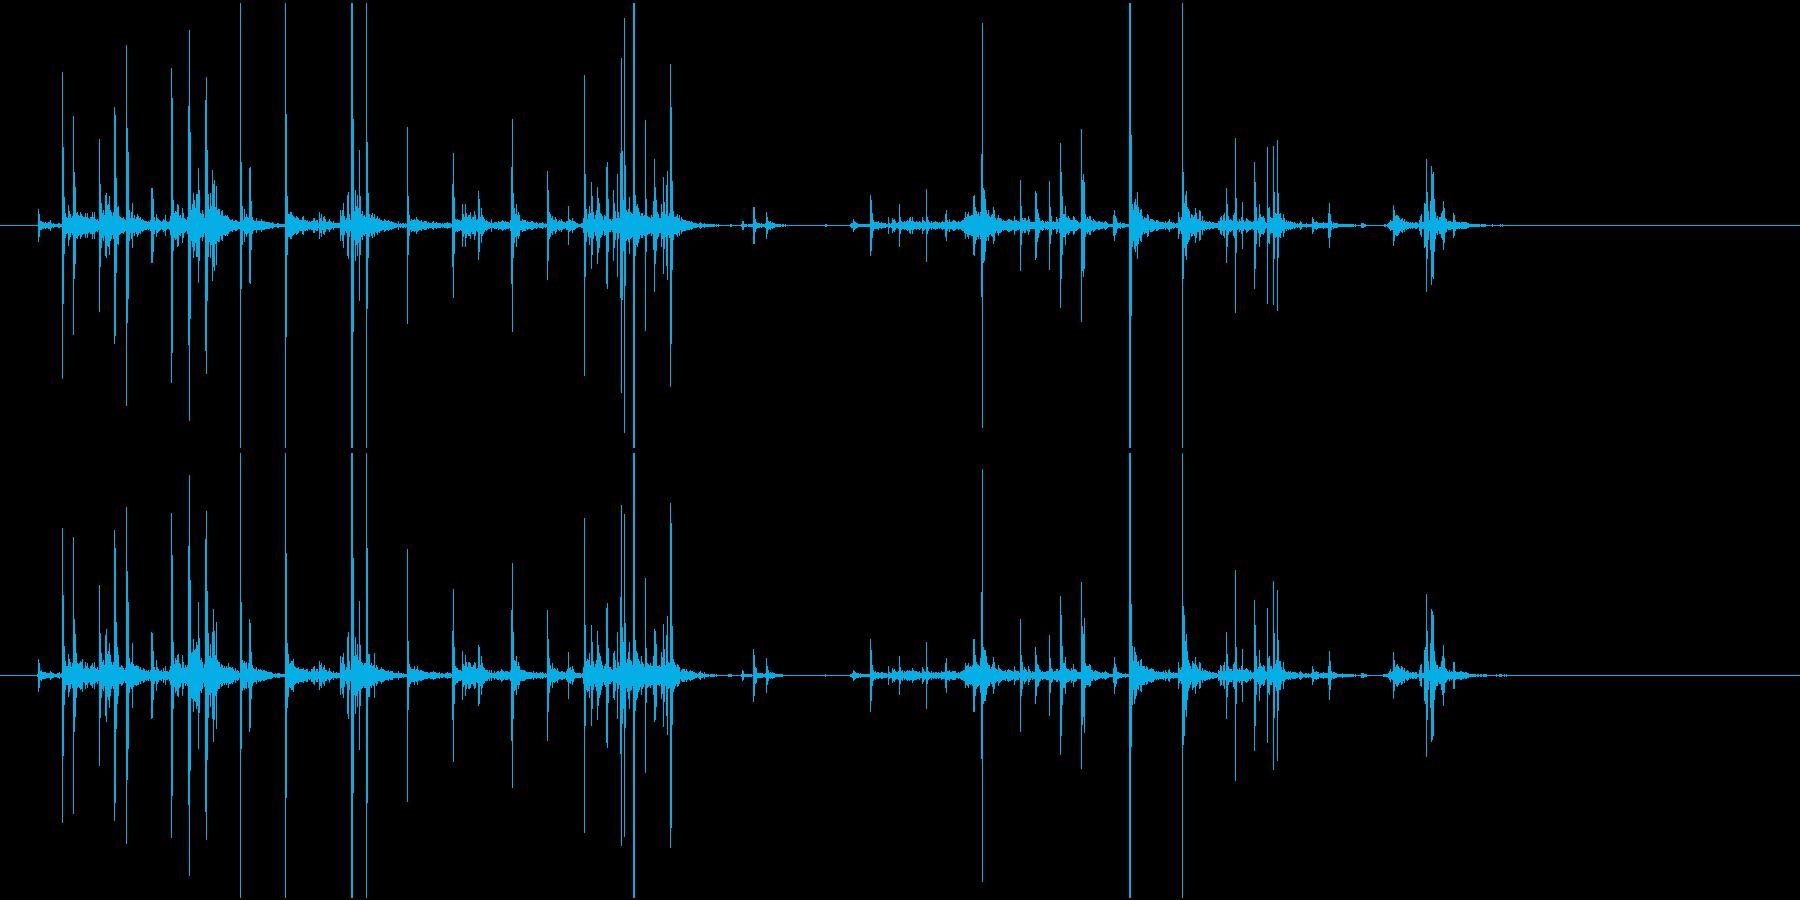 【生録音】お菓子の小袋に手を伸ばす音の再生済みの波形